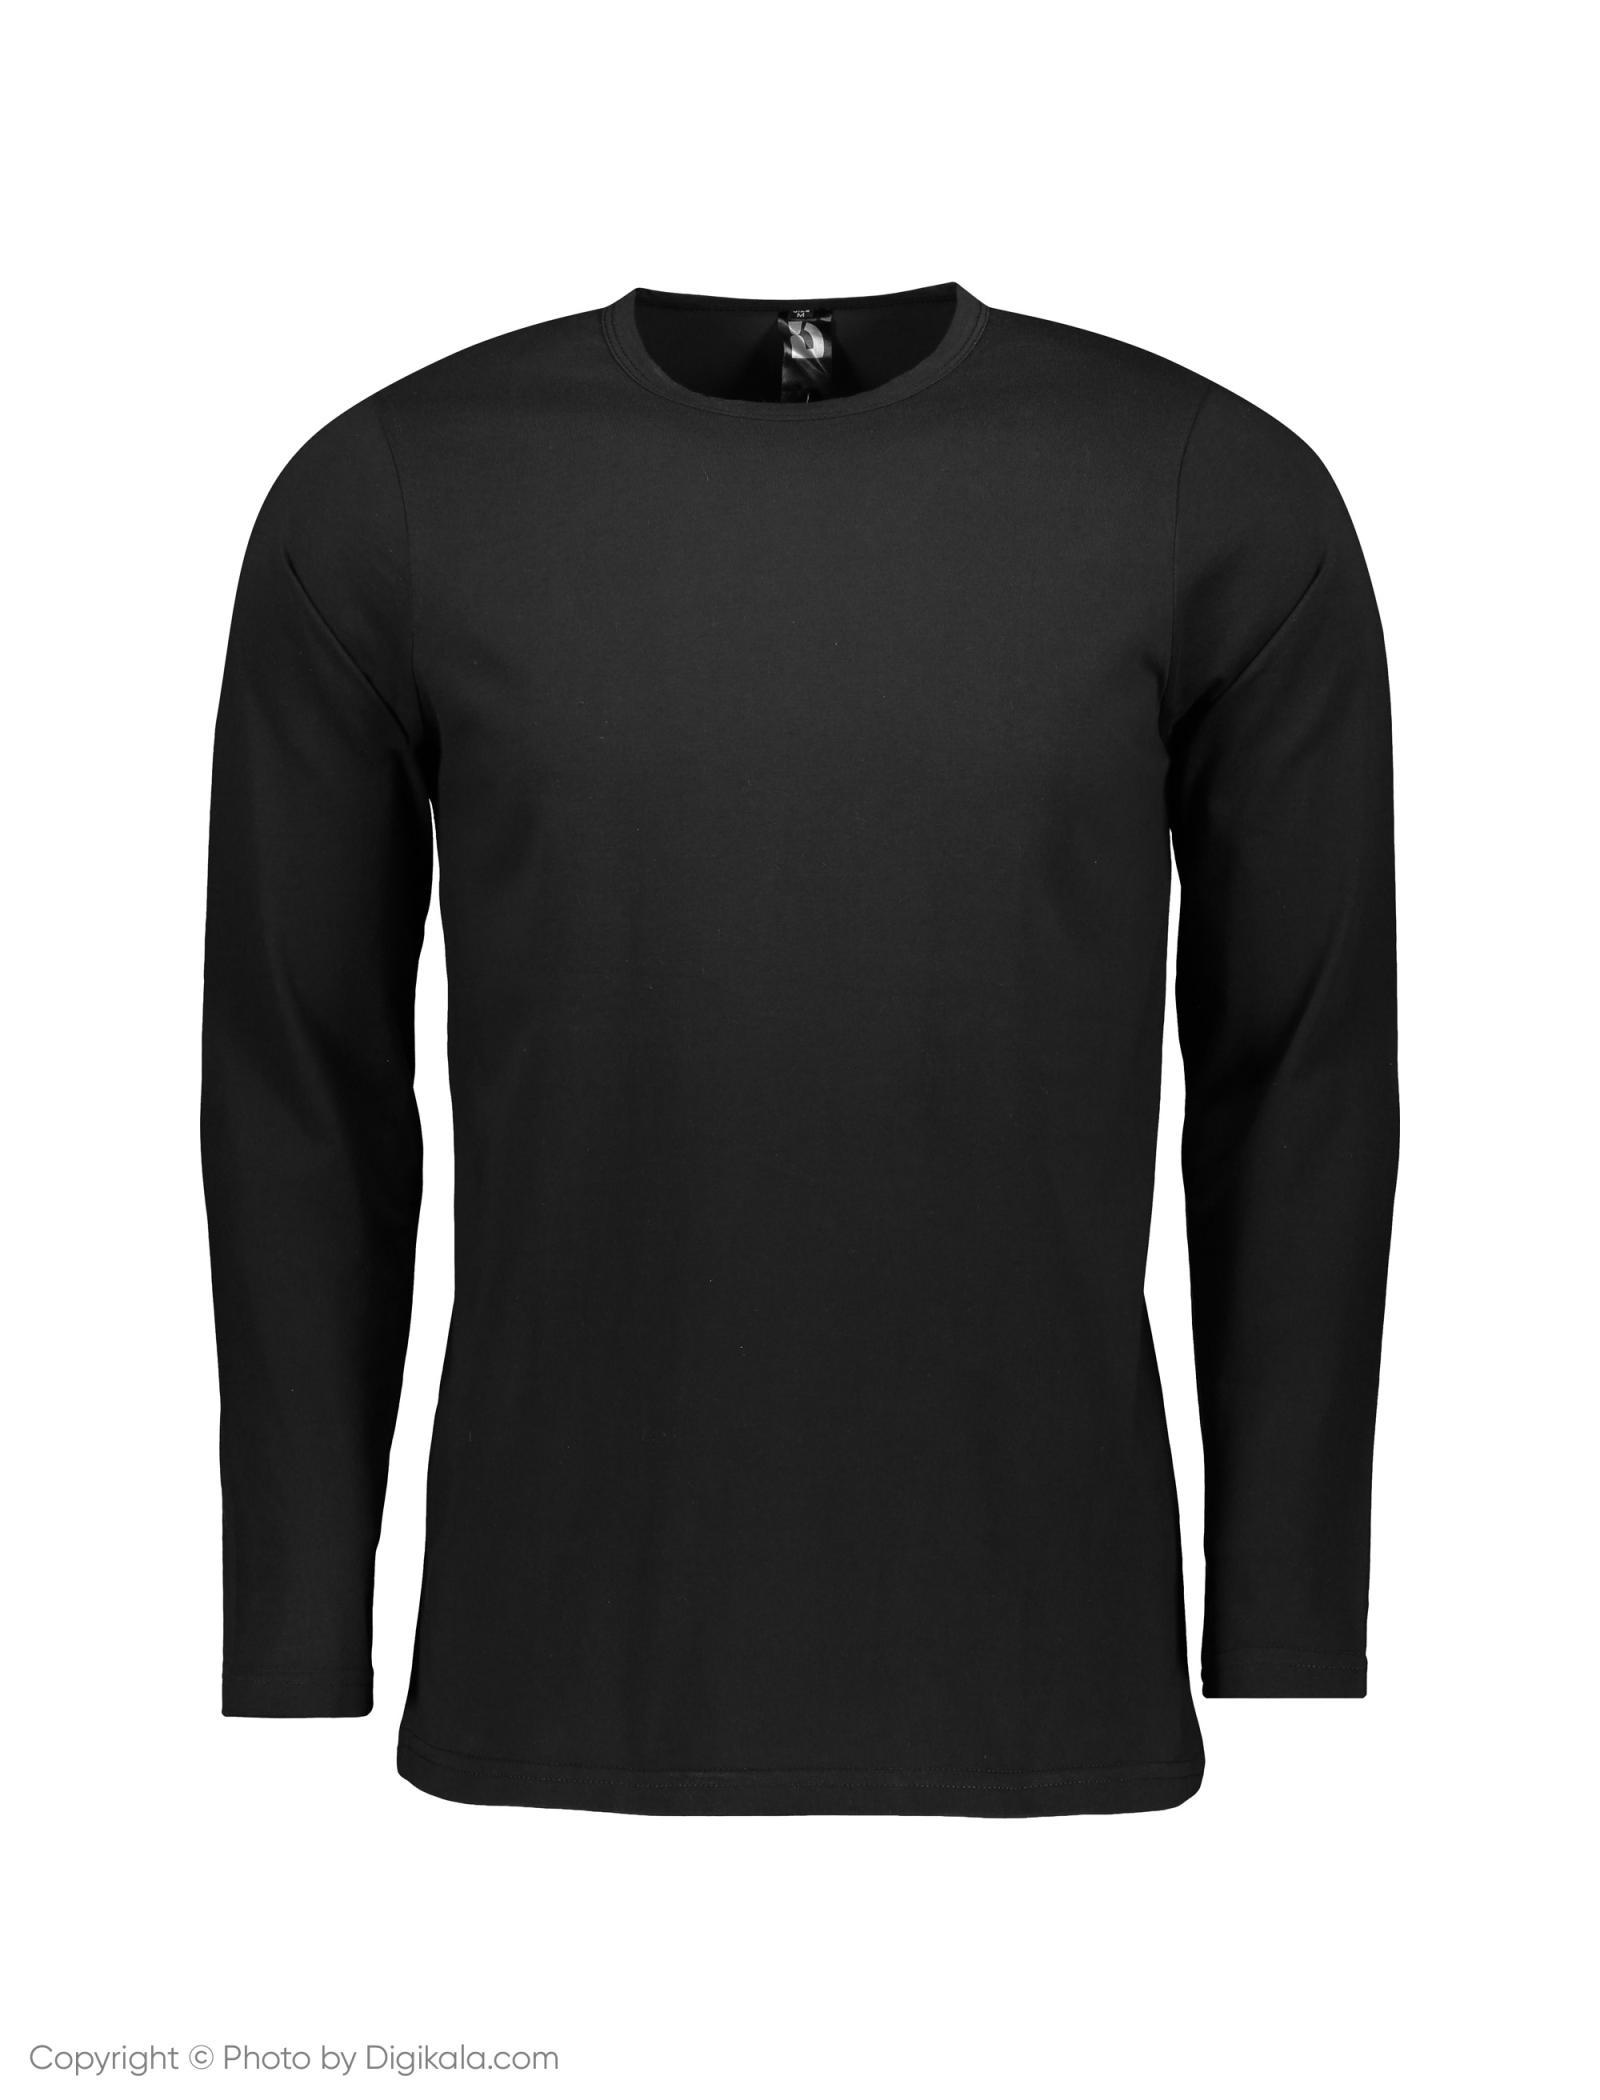 تی شرت مردانه آگرین مدل 1431135-99 -  - 1